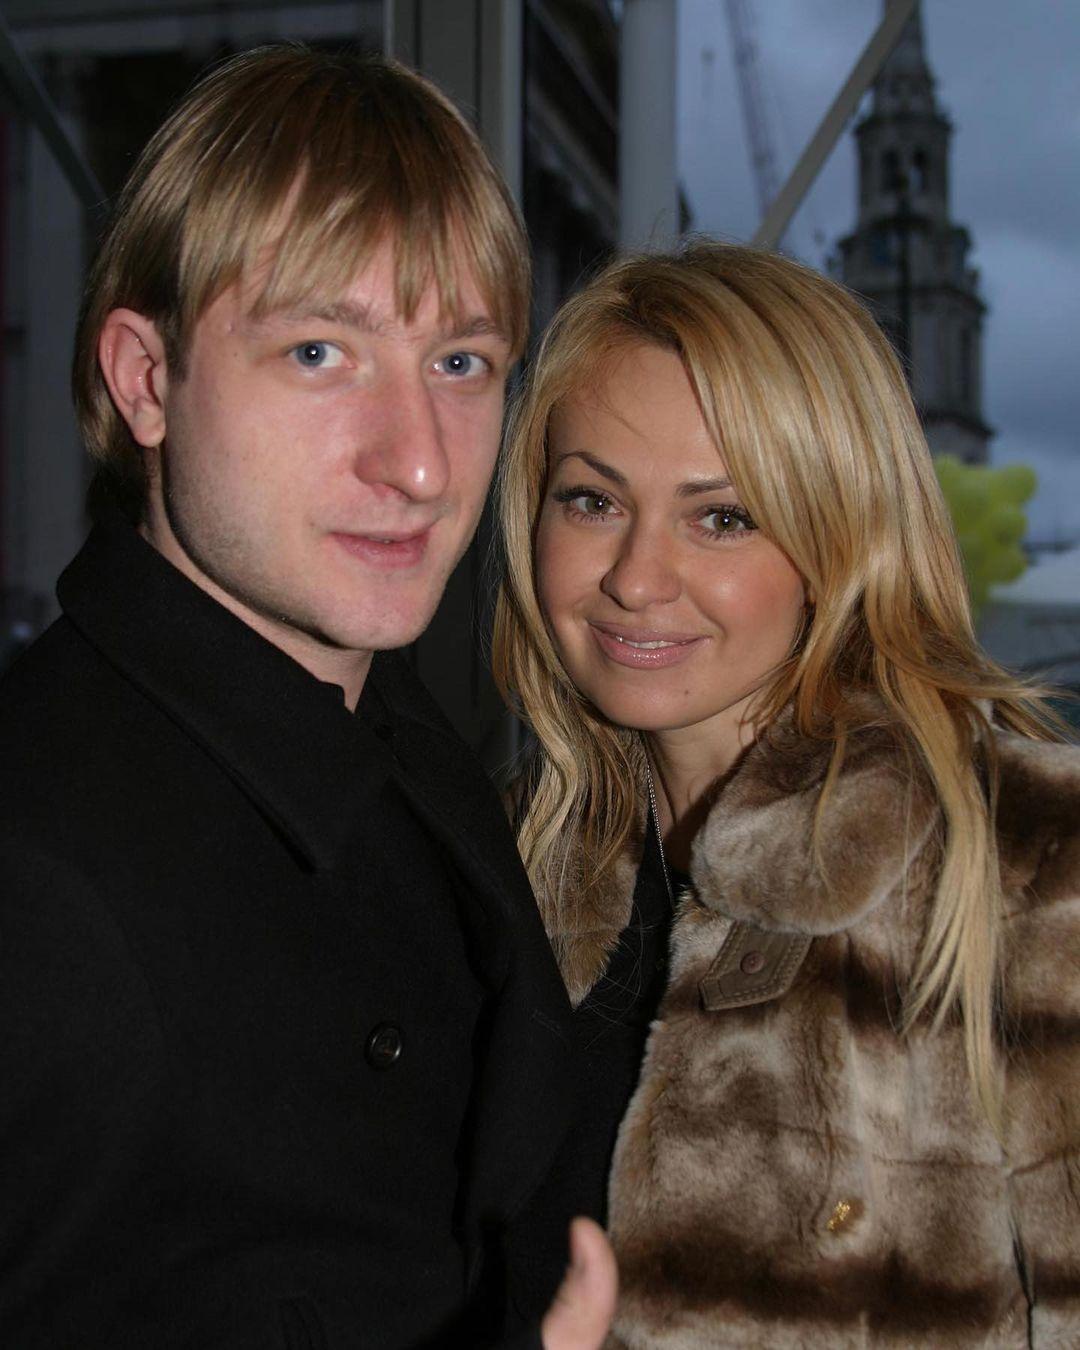 Плющенко и Рудковская отметили 14 лет со дня знакомства